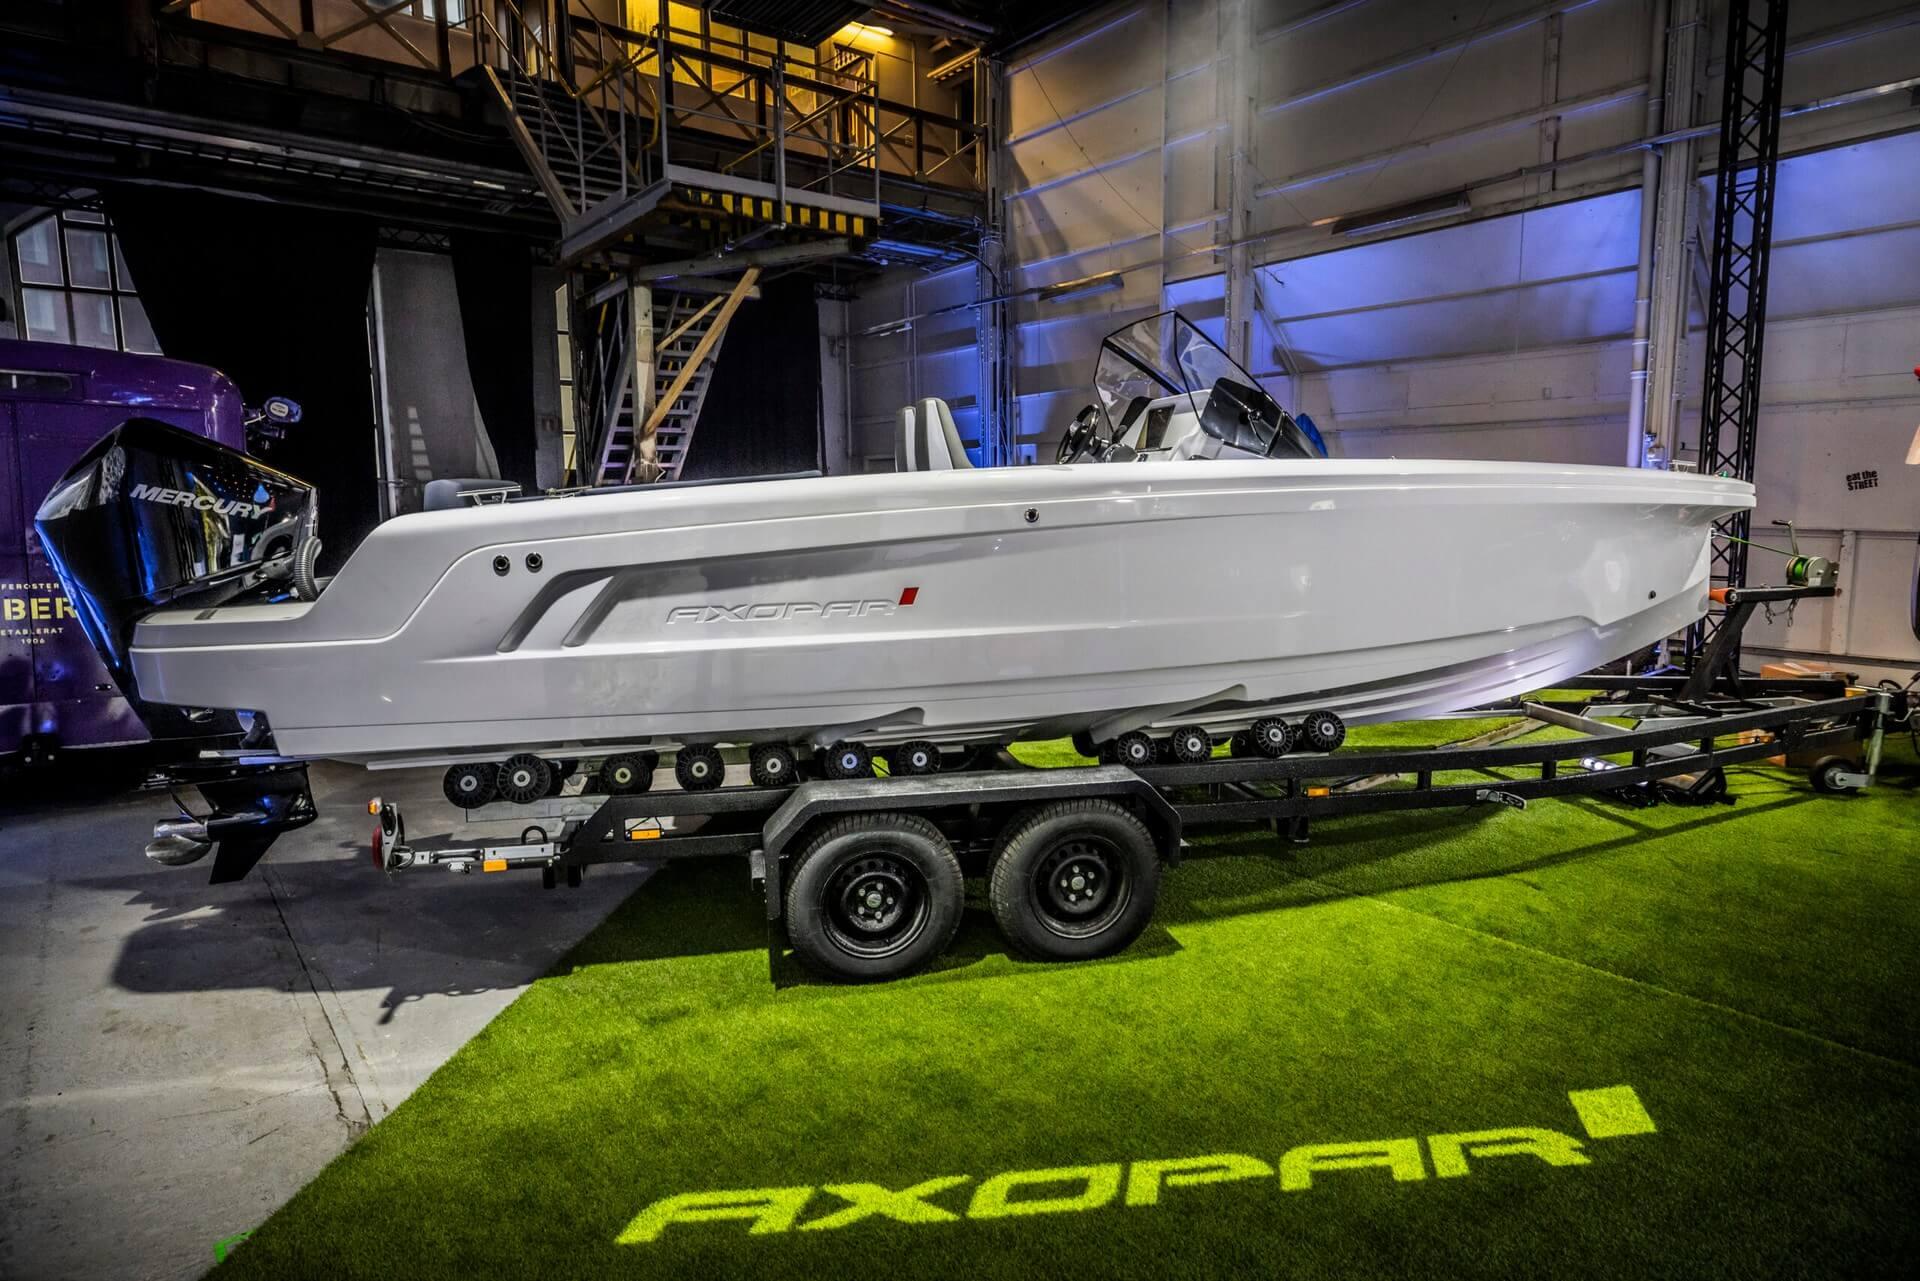 Премиум-класс до конкурентного рынка 22-футовых лодок